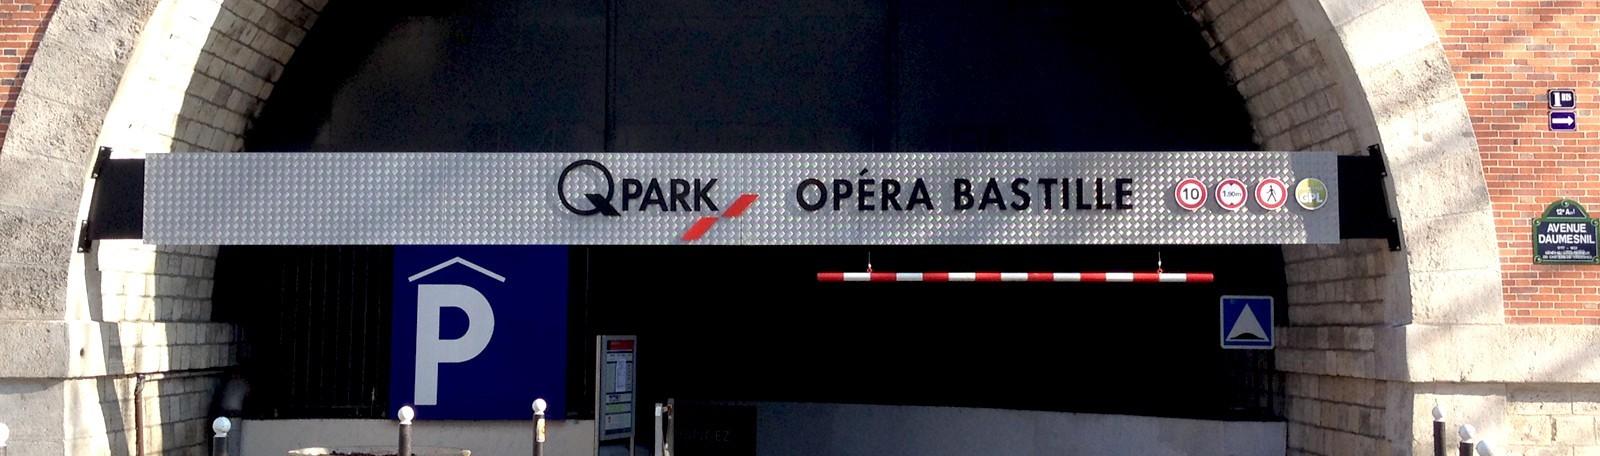 parking op ra bastille stationner paris q park. Black Bedroom Furniture Sets. Home Design Ideas